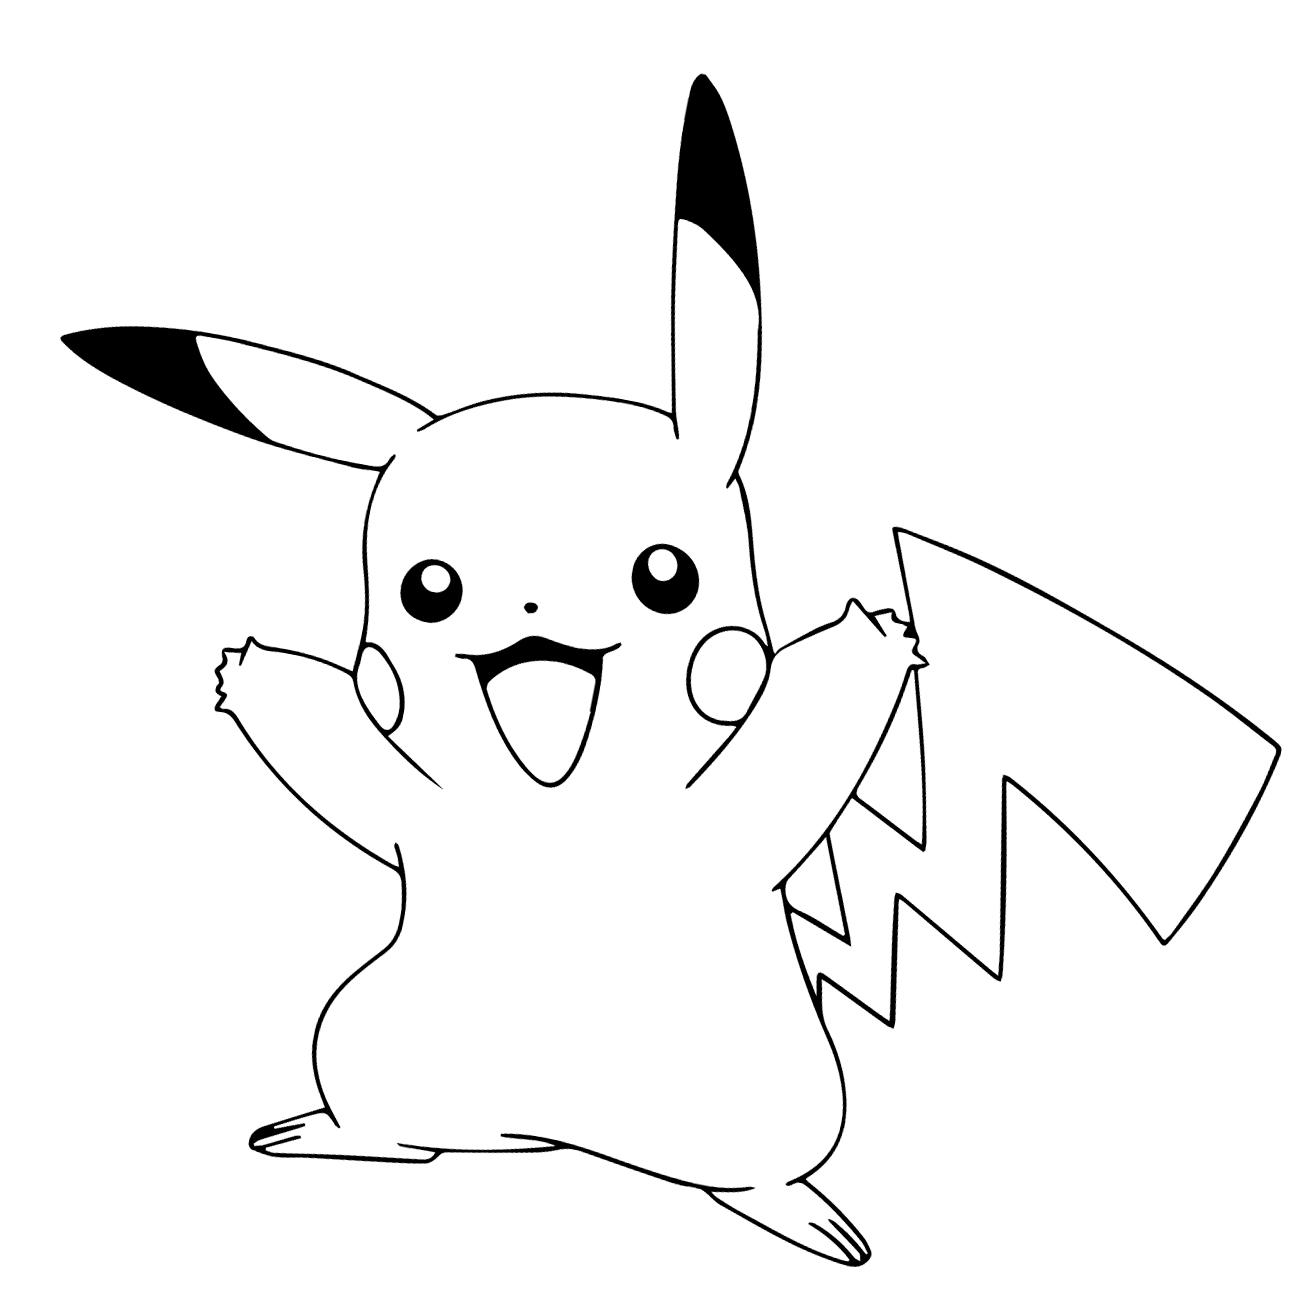 ▷ Dibujos Pikachu para dibujar, imprimir, colorear y recortar ...